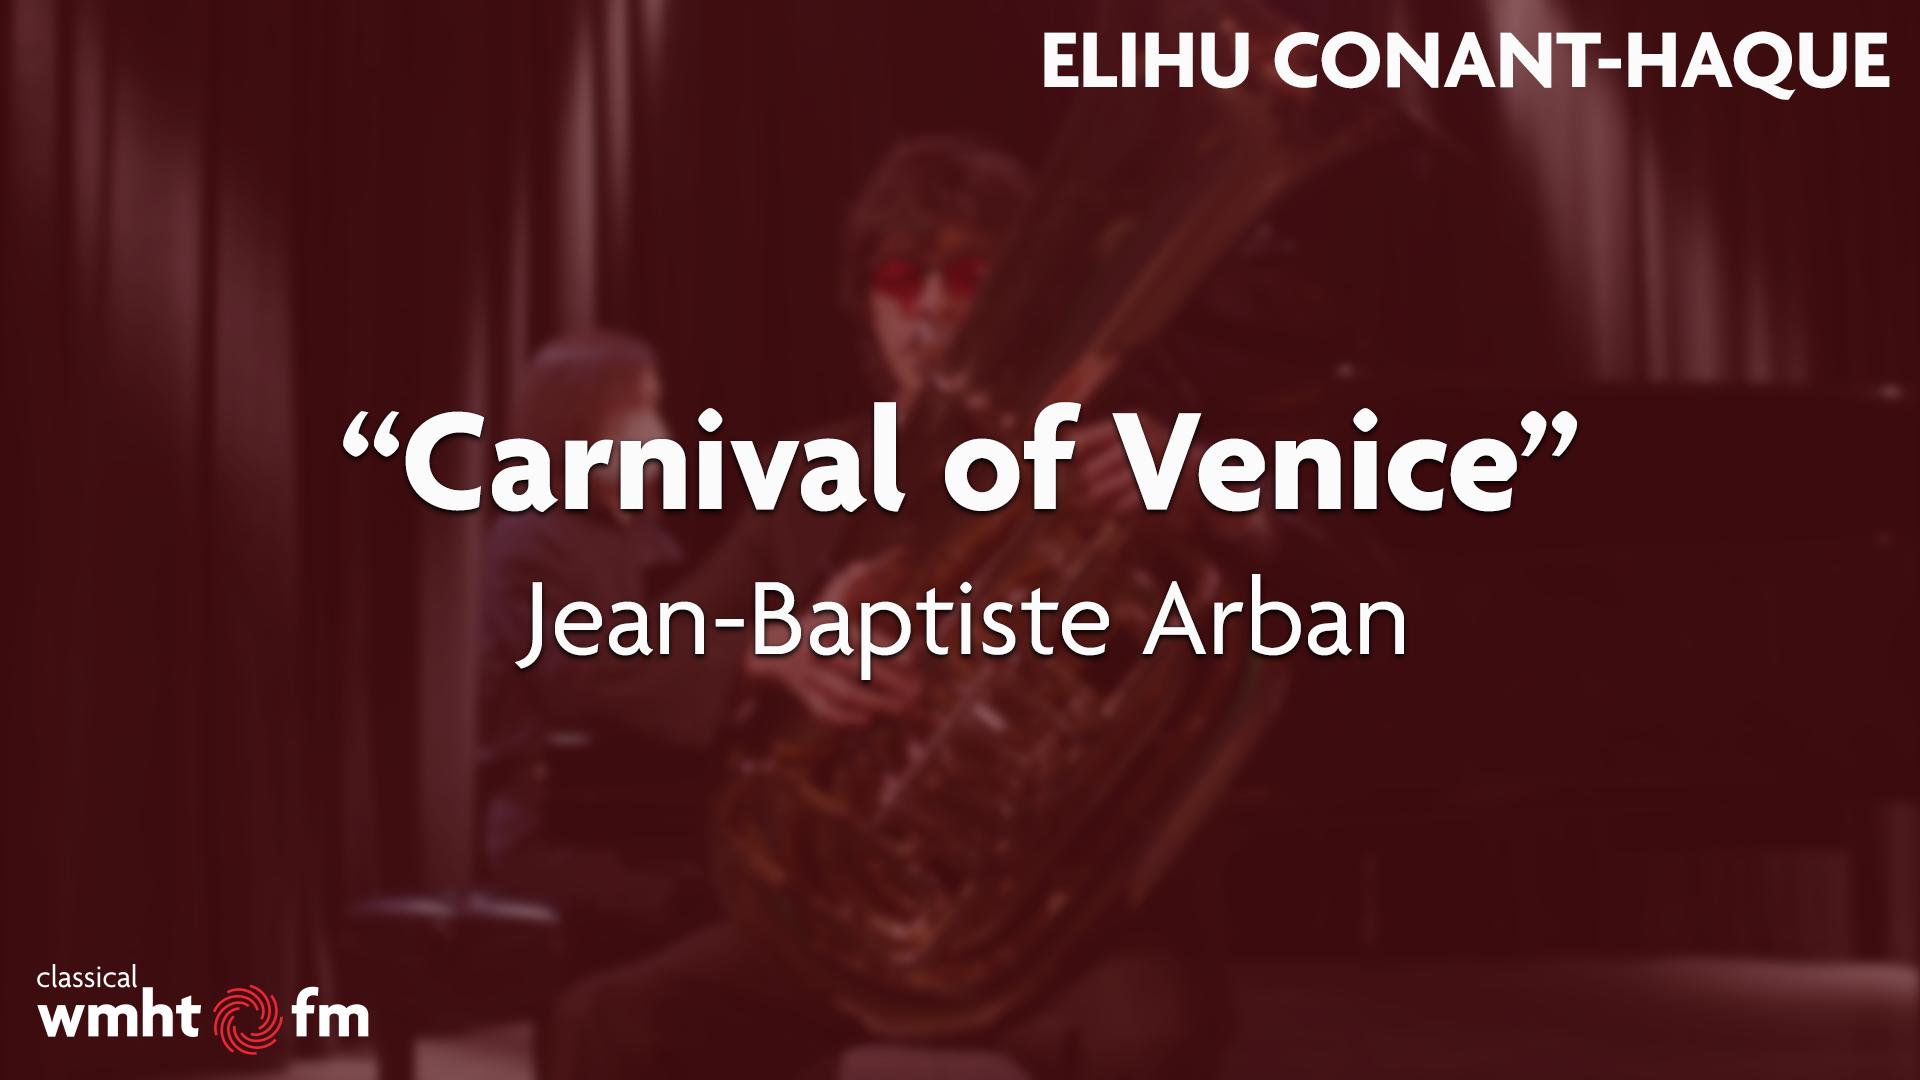 """Elihu Conant-Haque: """"Carnival of Venice"""" Jean-Baptiste Arban"""